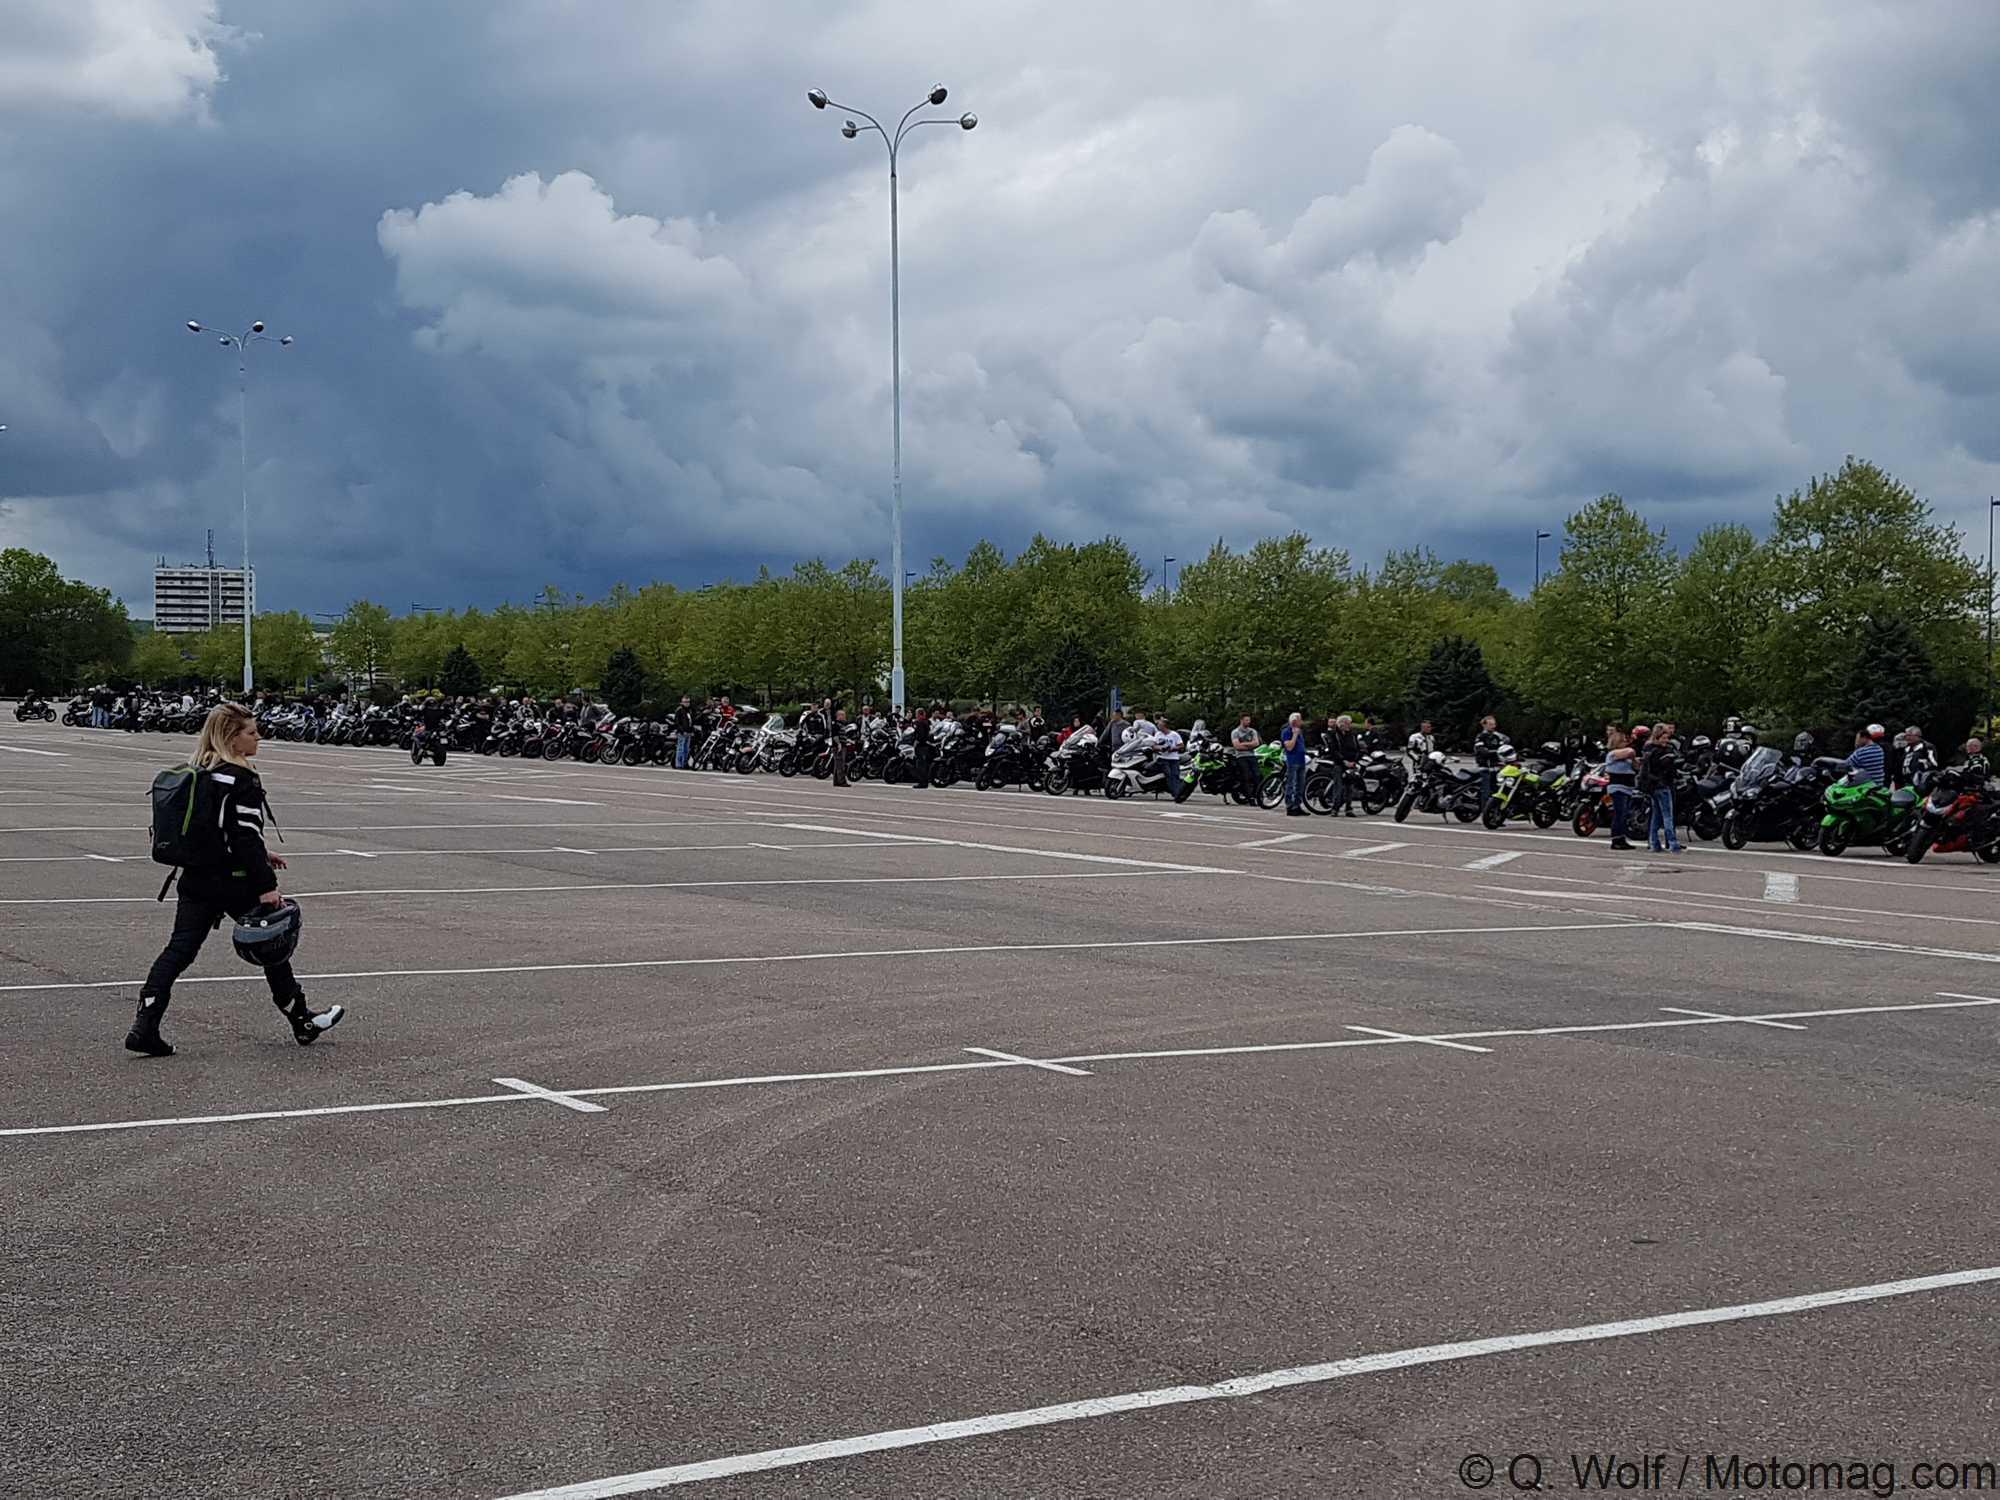 ffmc 54 et 57 plus de 500 motards nancy moto magazine leader de l actualit de la moto. Black Bedroom Furniture Sets. Home Design Ideas